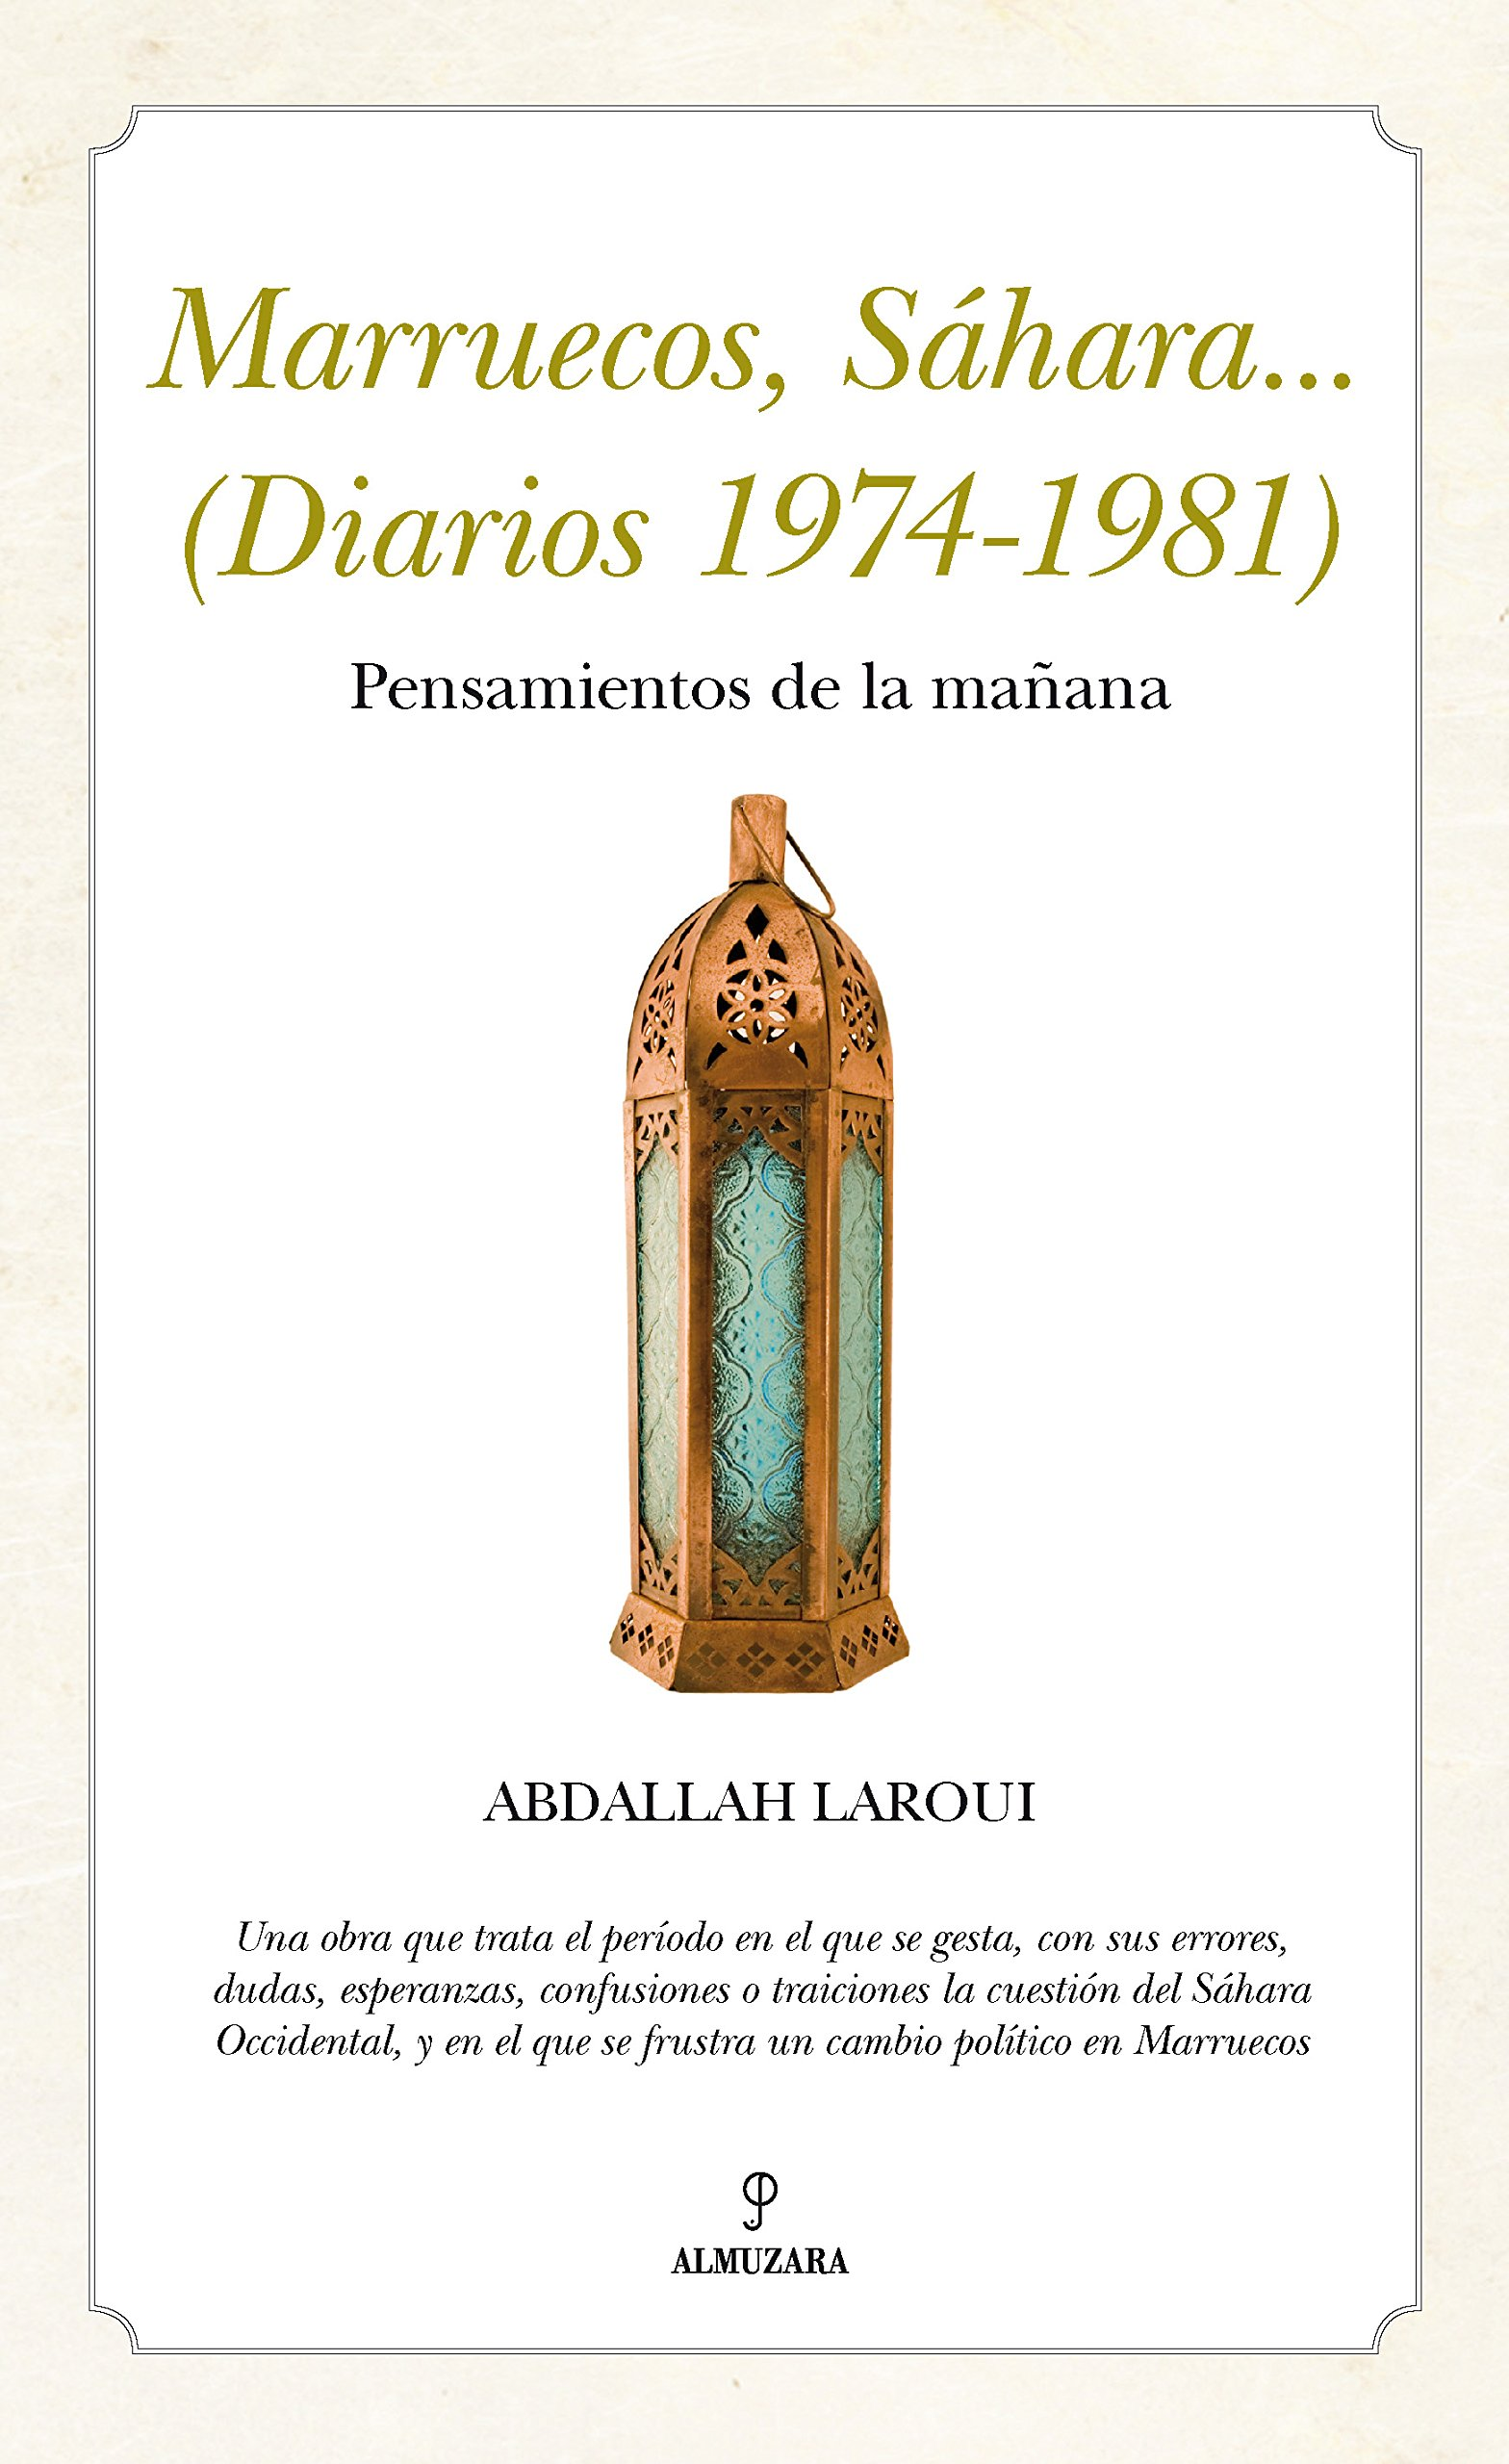 Marruecos, Sáhara... Diarios 1974-1981 . Pensamientos de España Al Ándalus: Amazon.es: Laroui, Abdallah: Libros